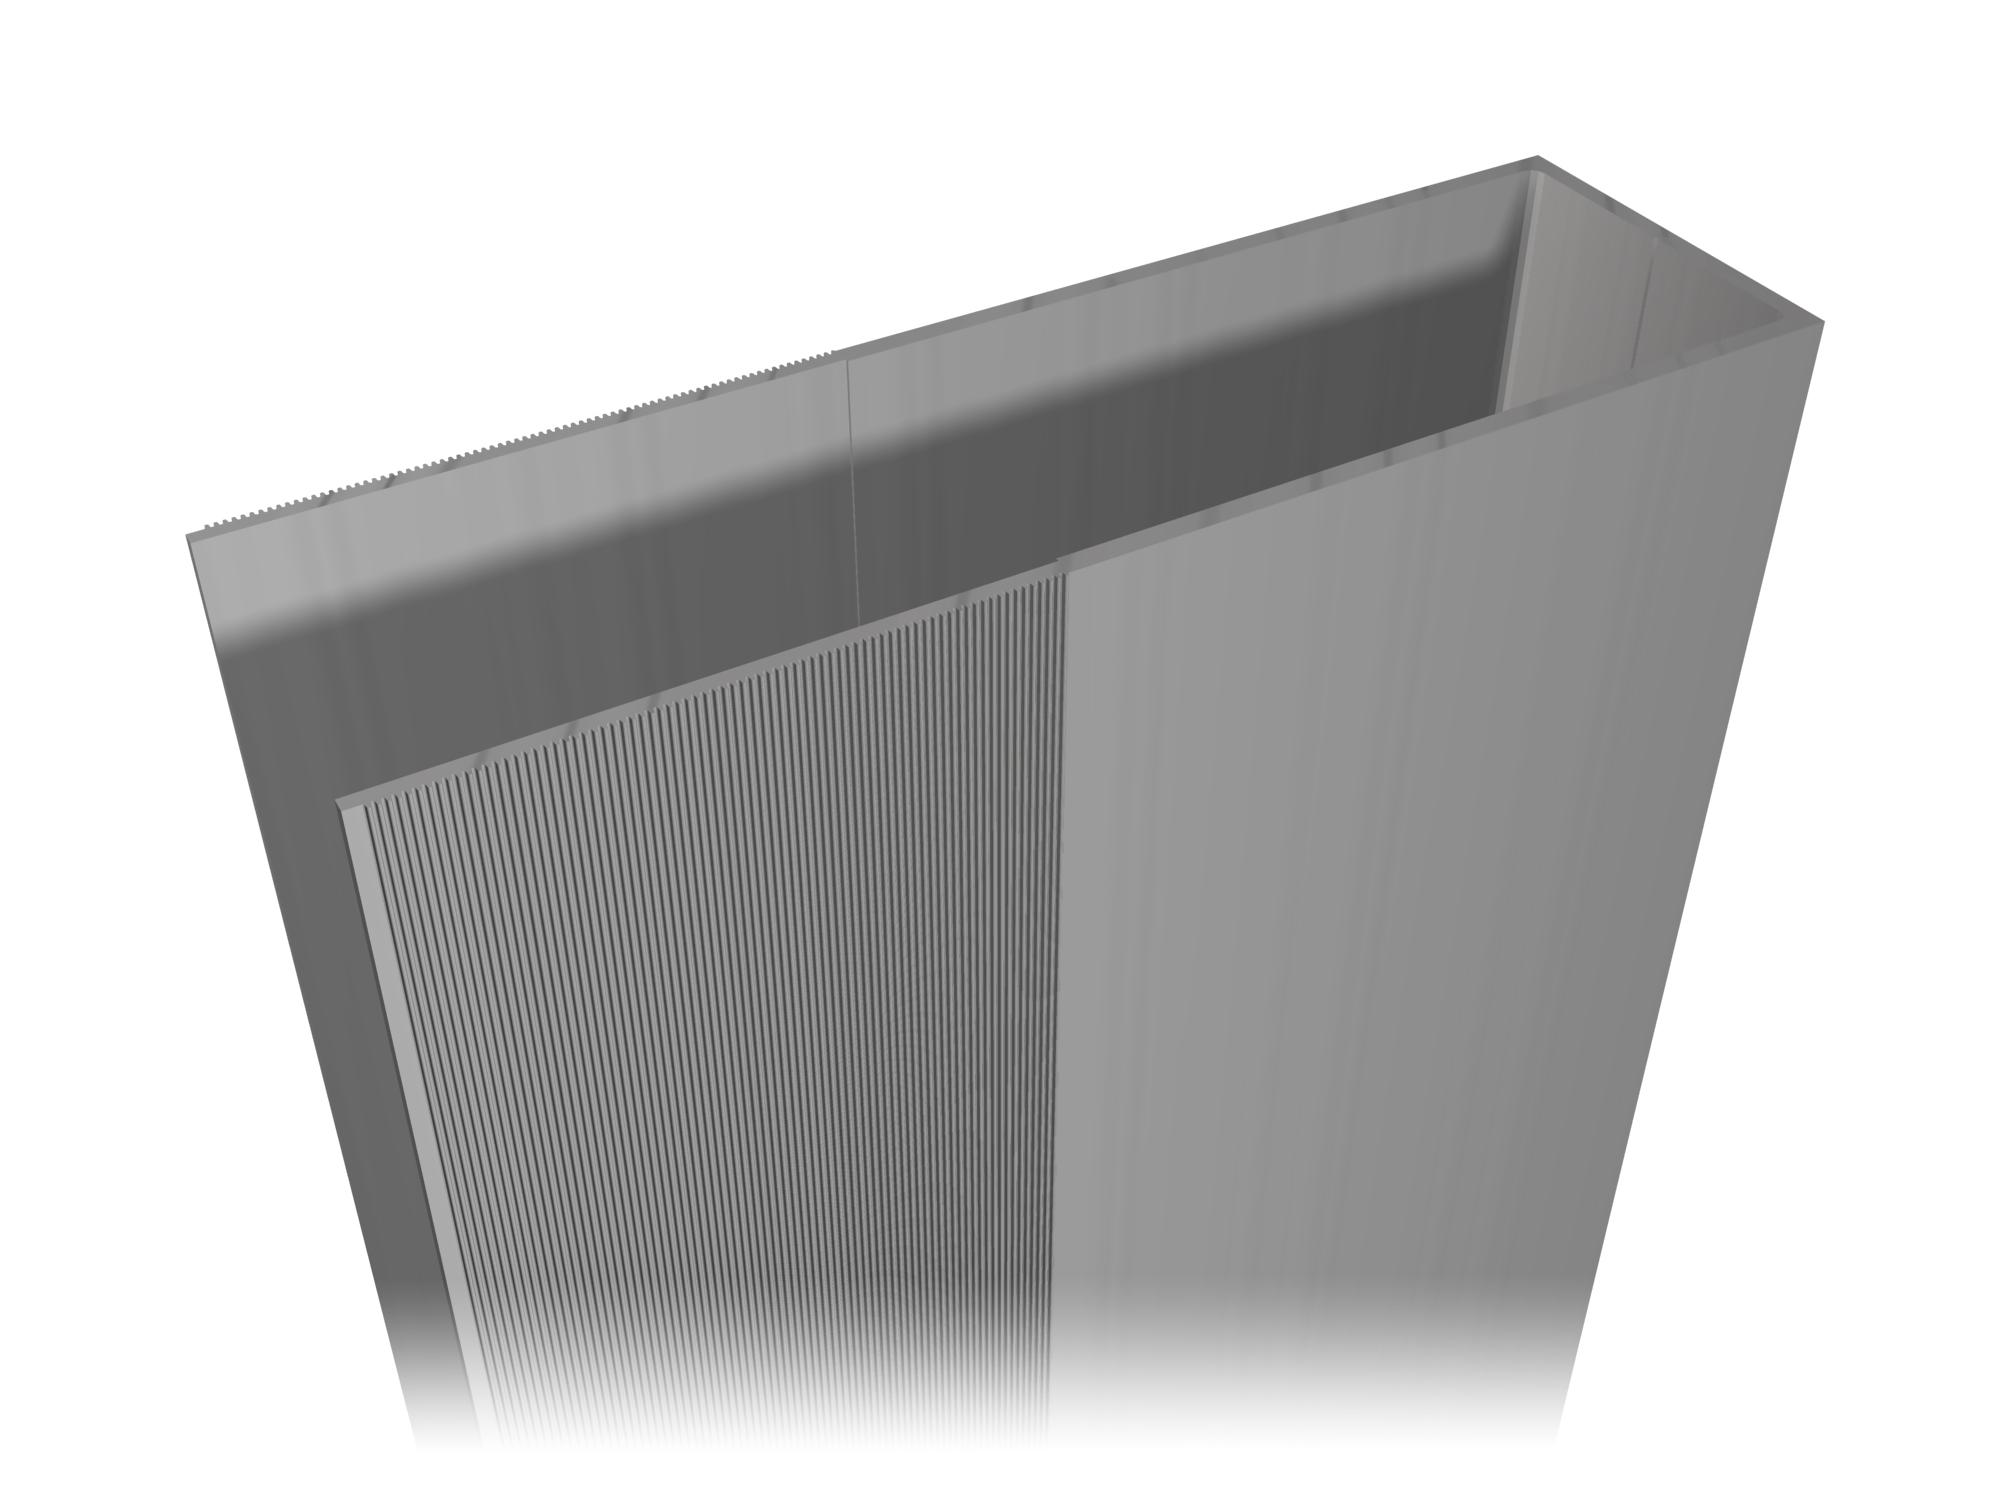 Aluminum profile A-03.2